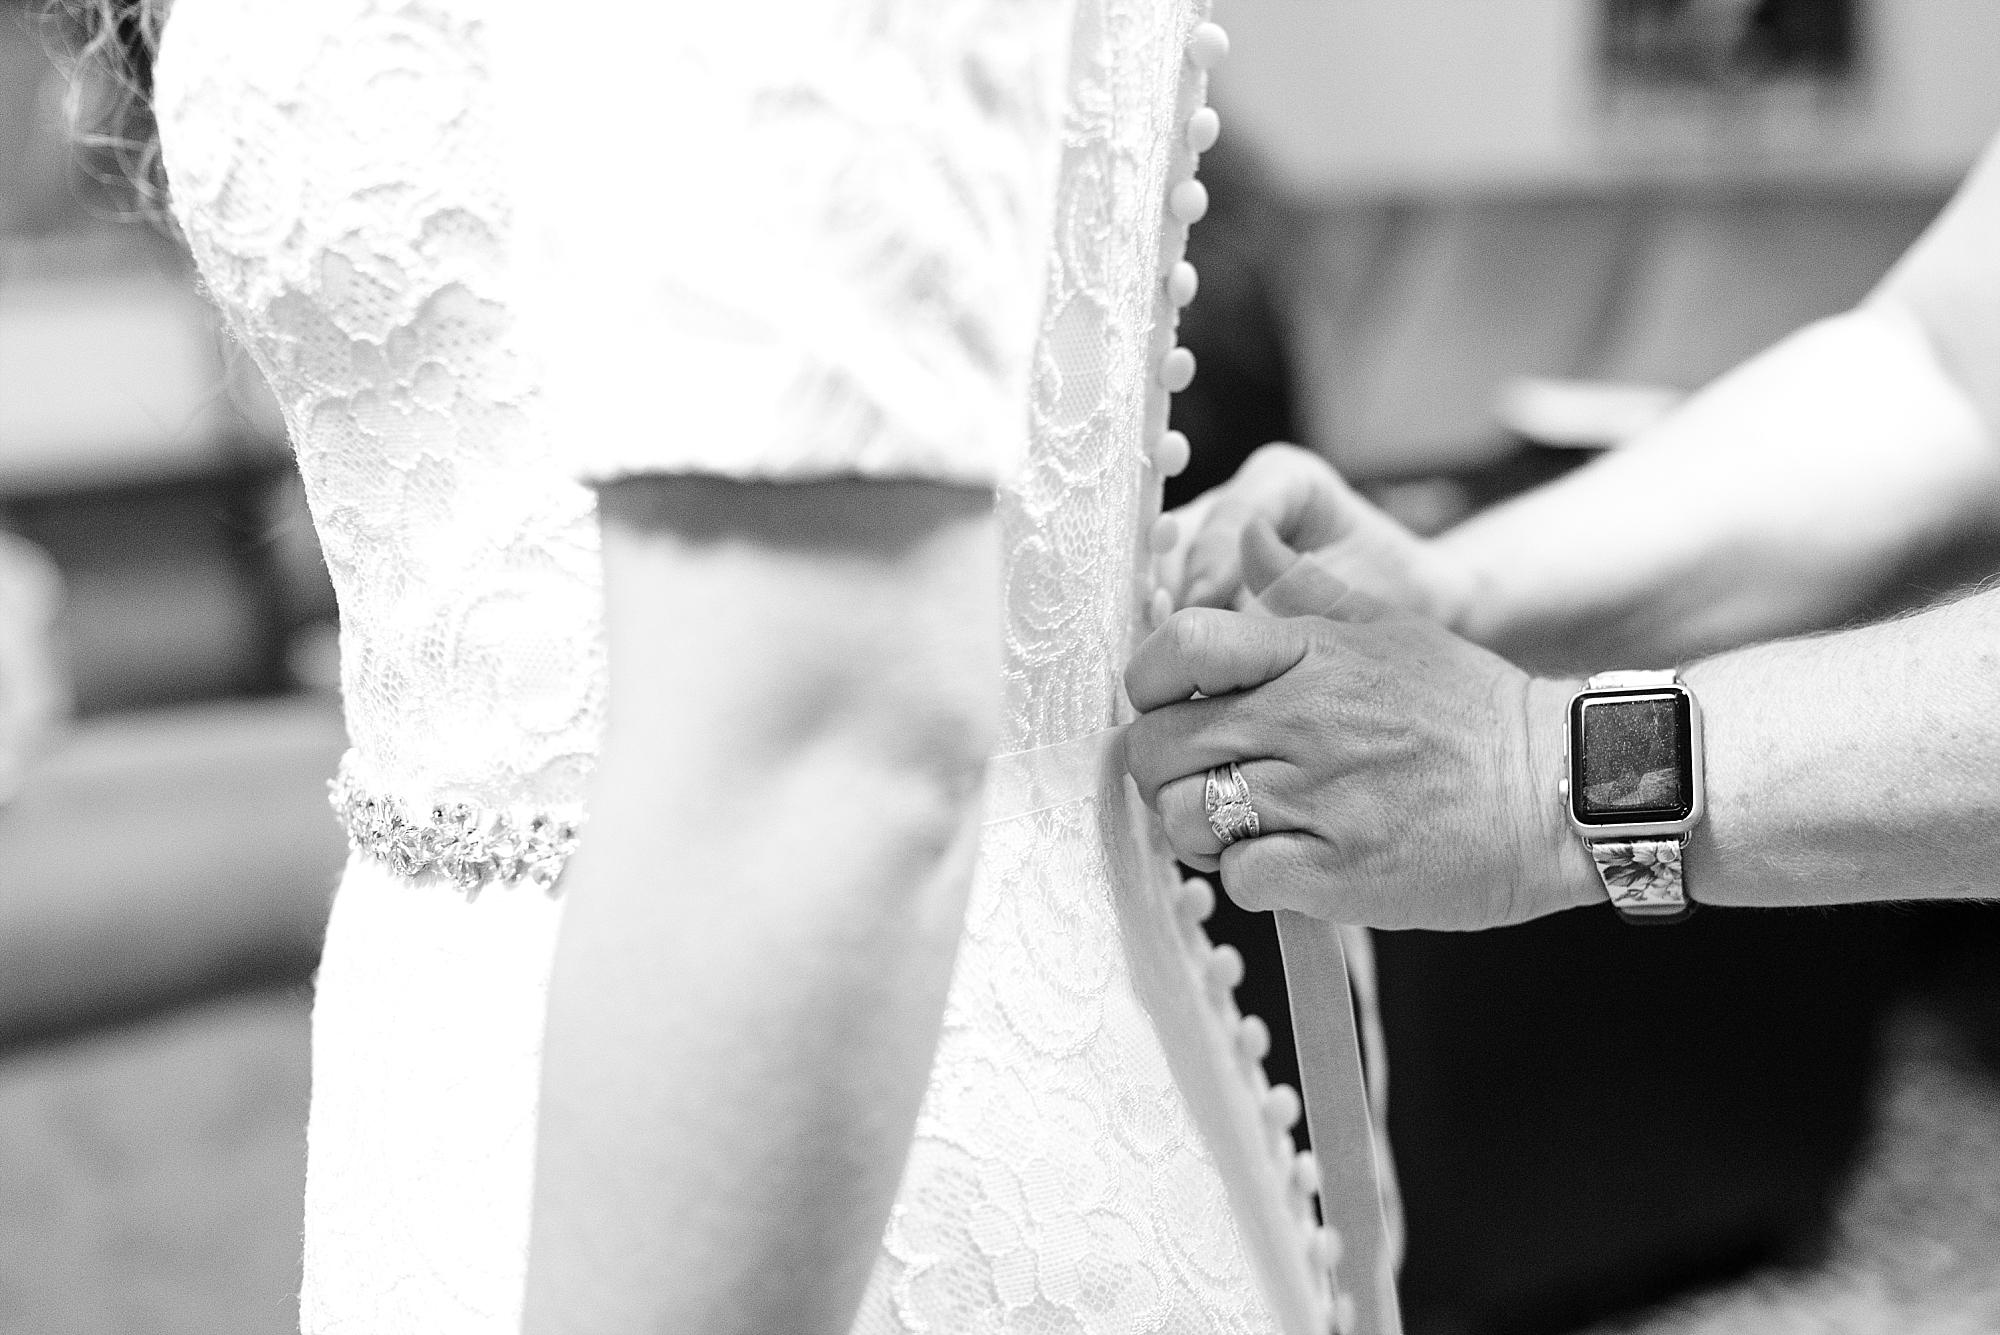 bridal-getting-ready